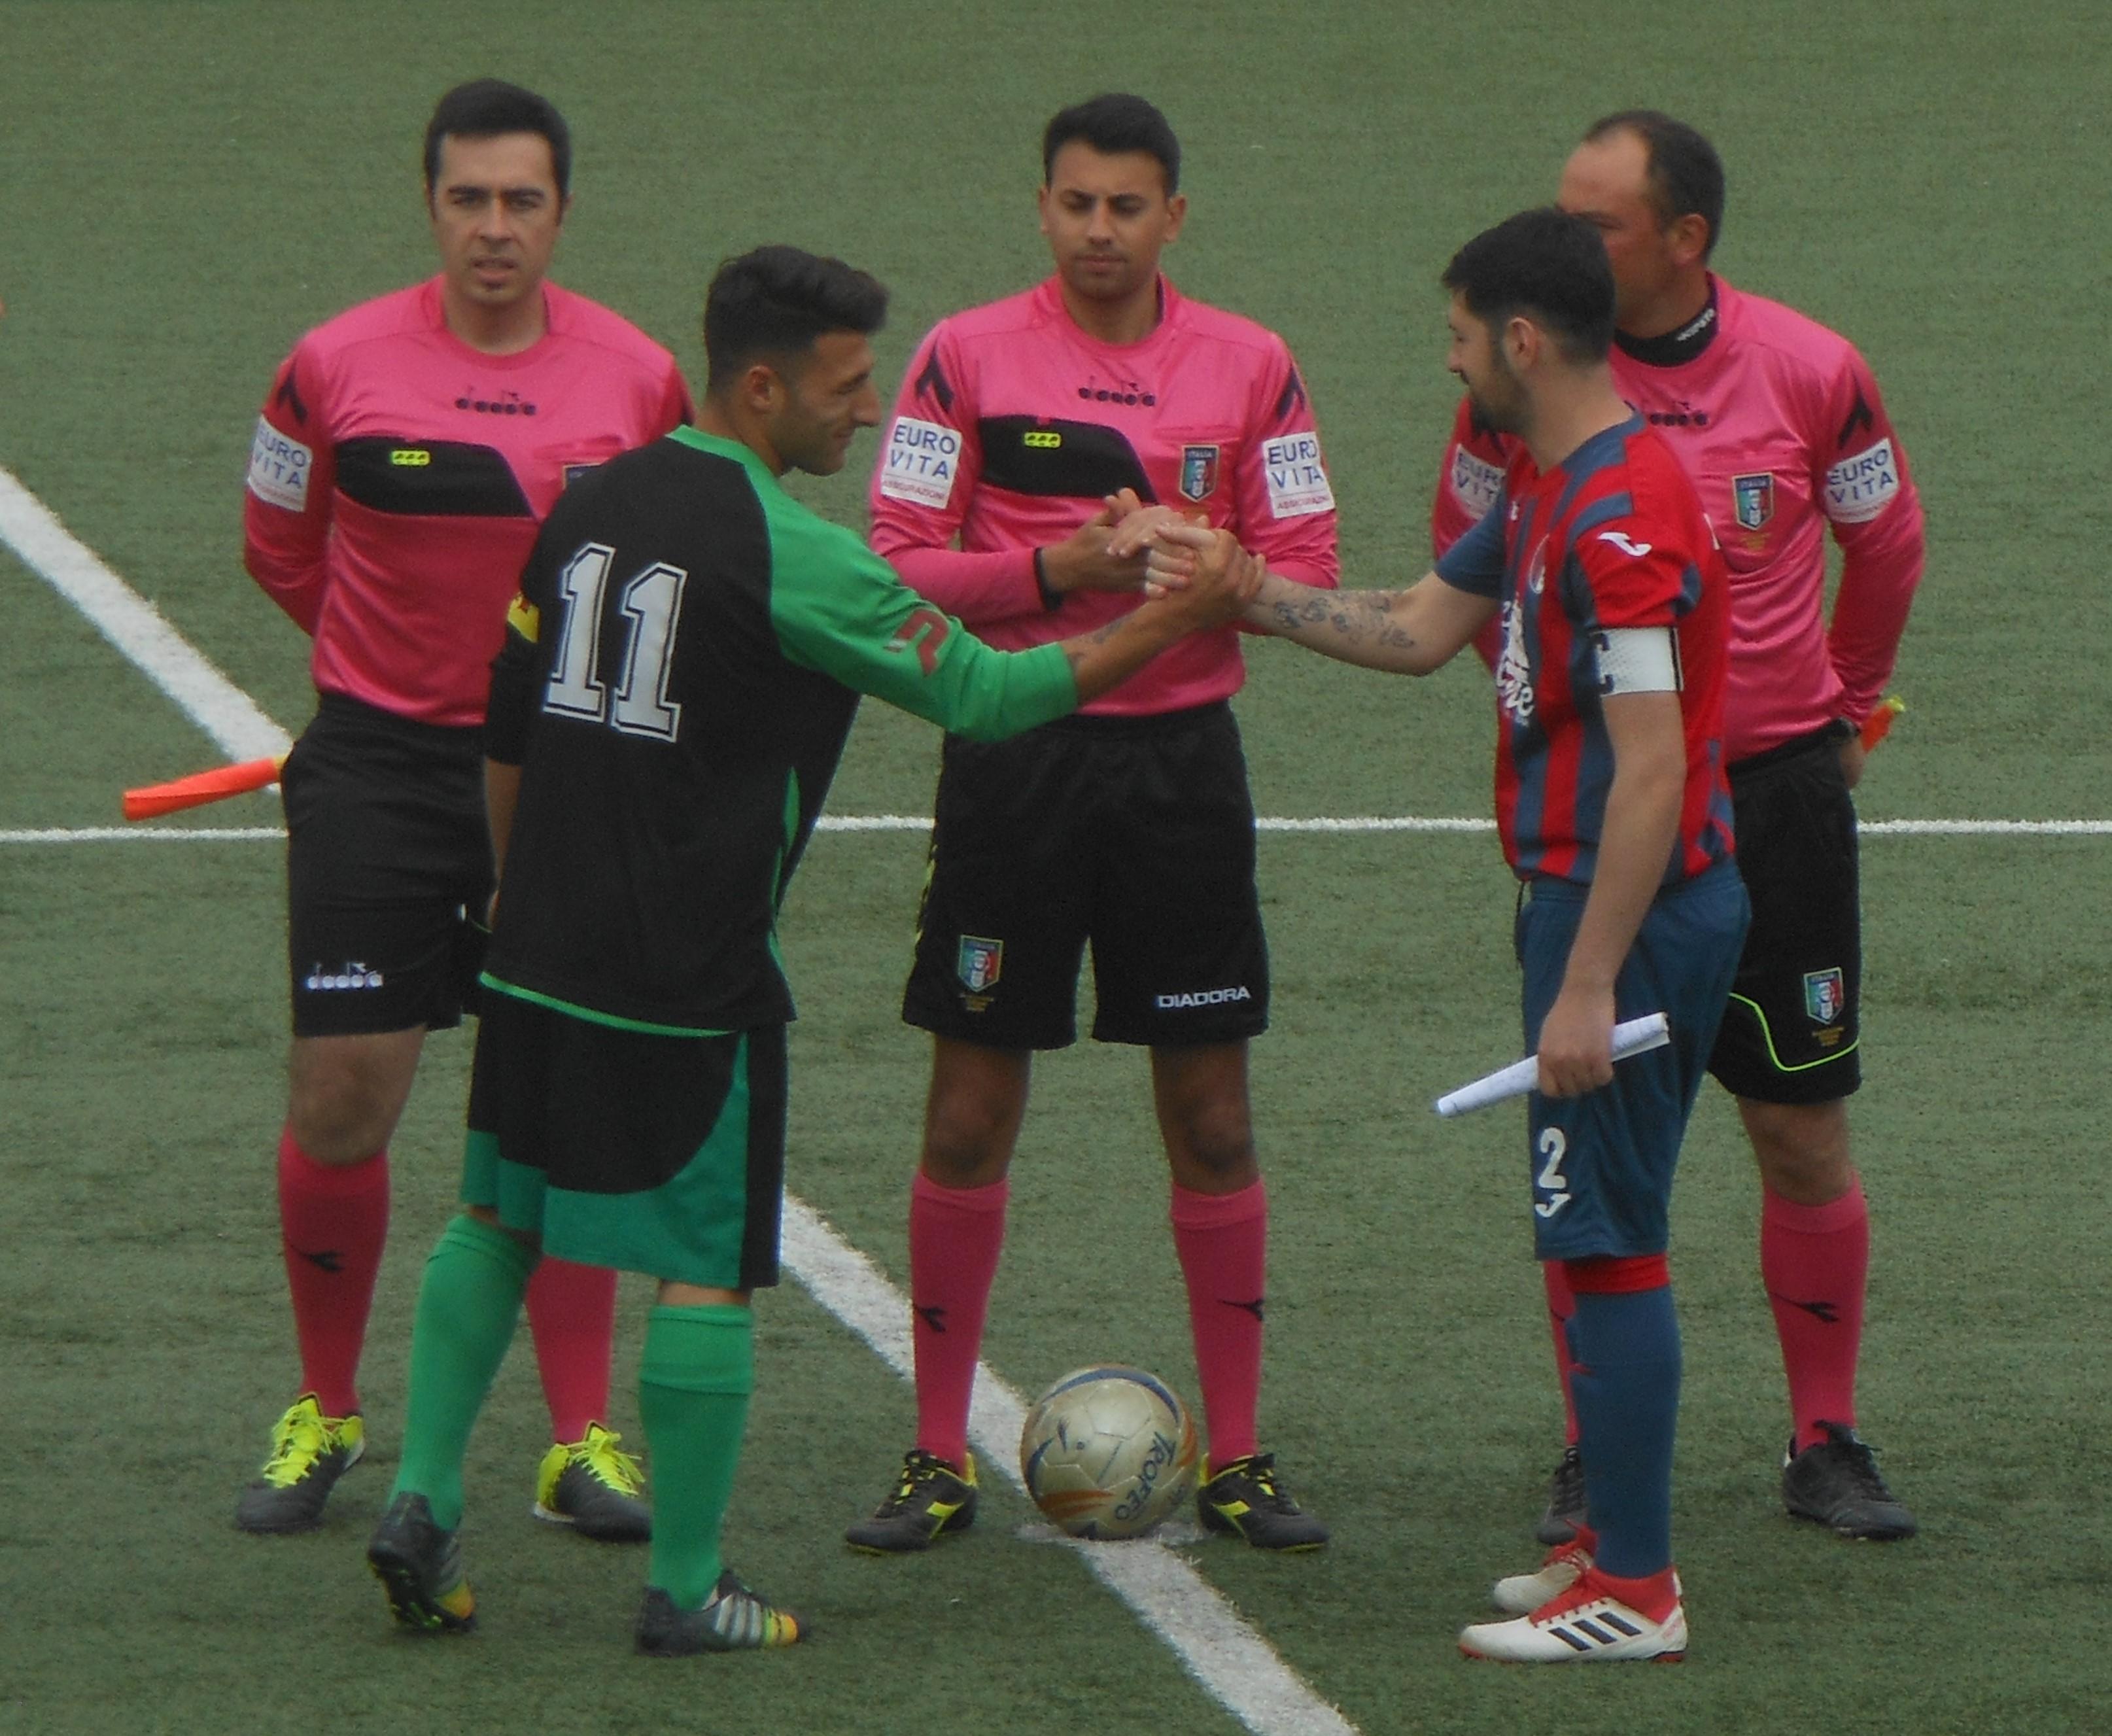 Calcio, Modica già in vacanza: lo Sporting Augusta cala il tris (3 a 1) al